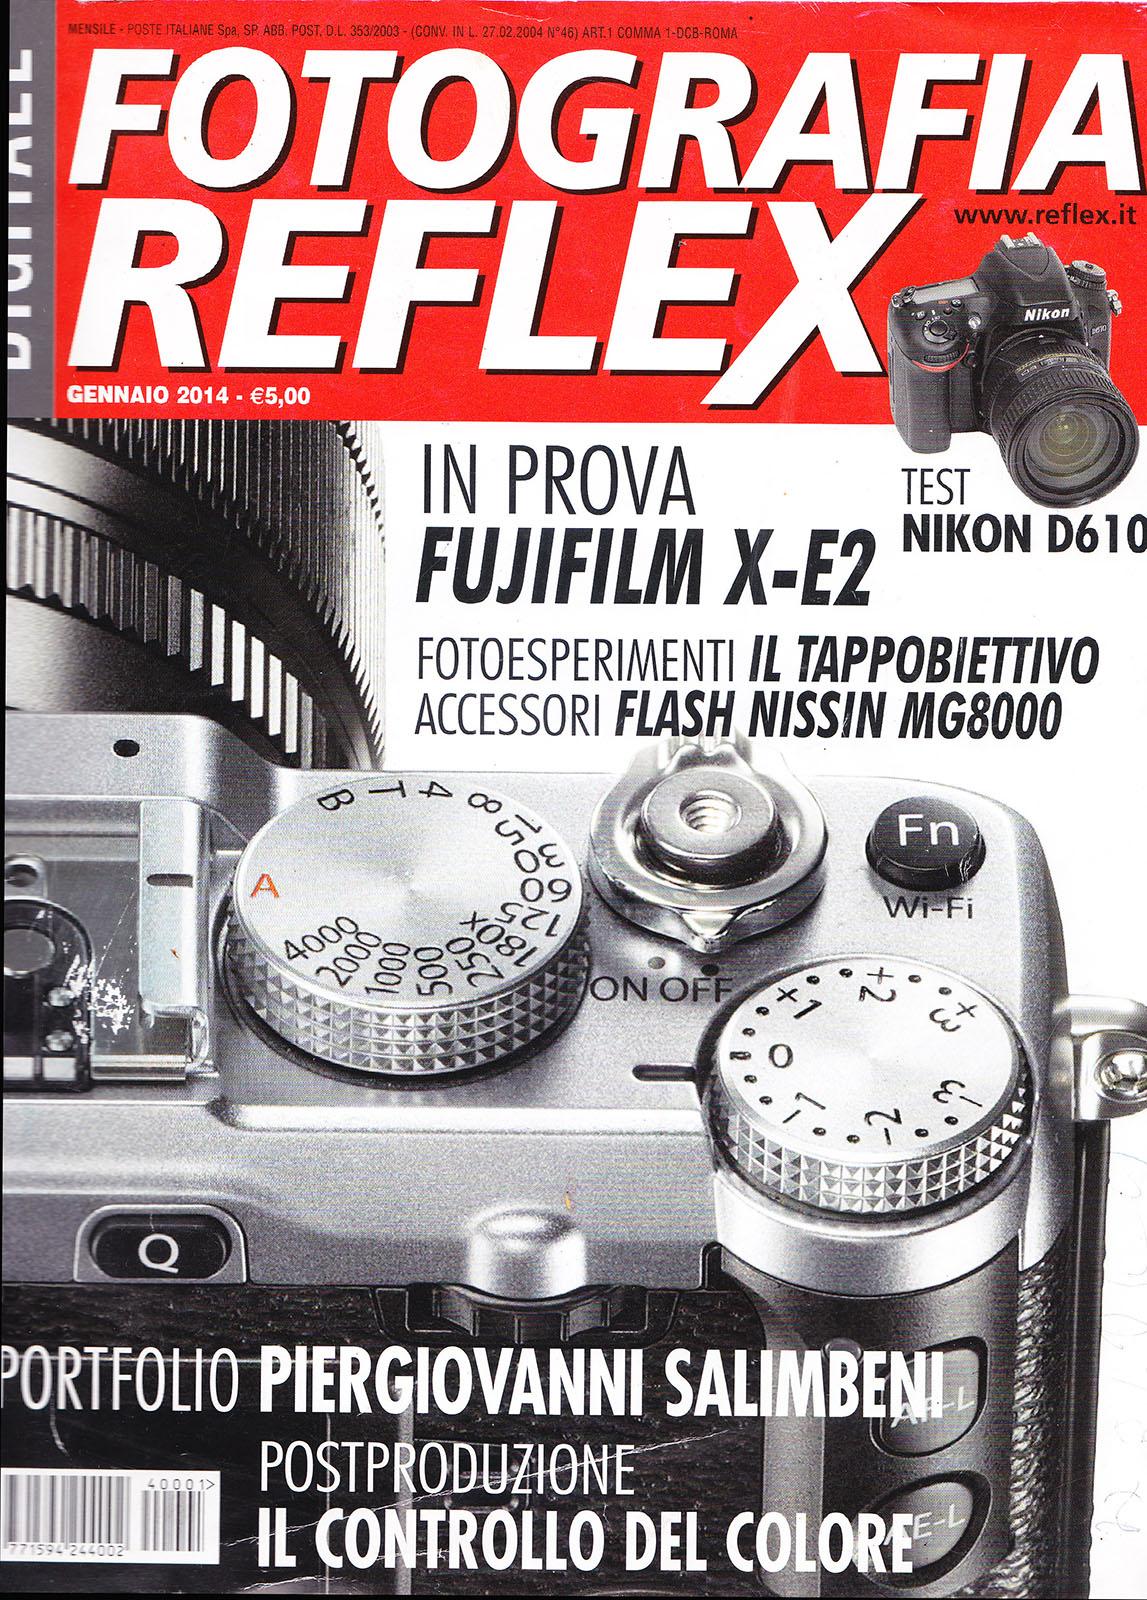 Reflex_Portfolio_Salimbeni_1